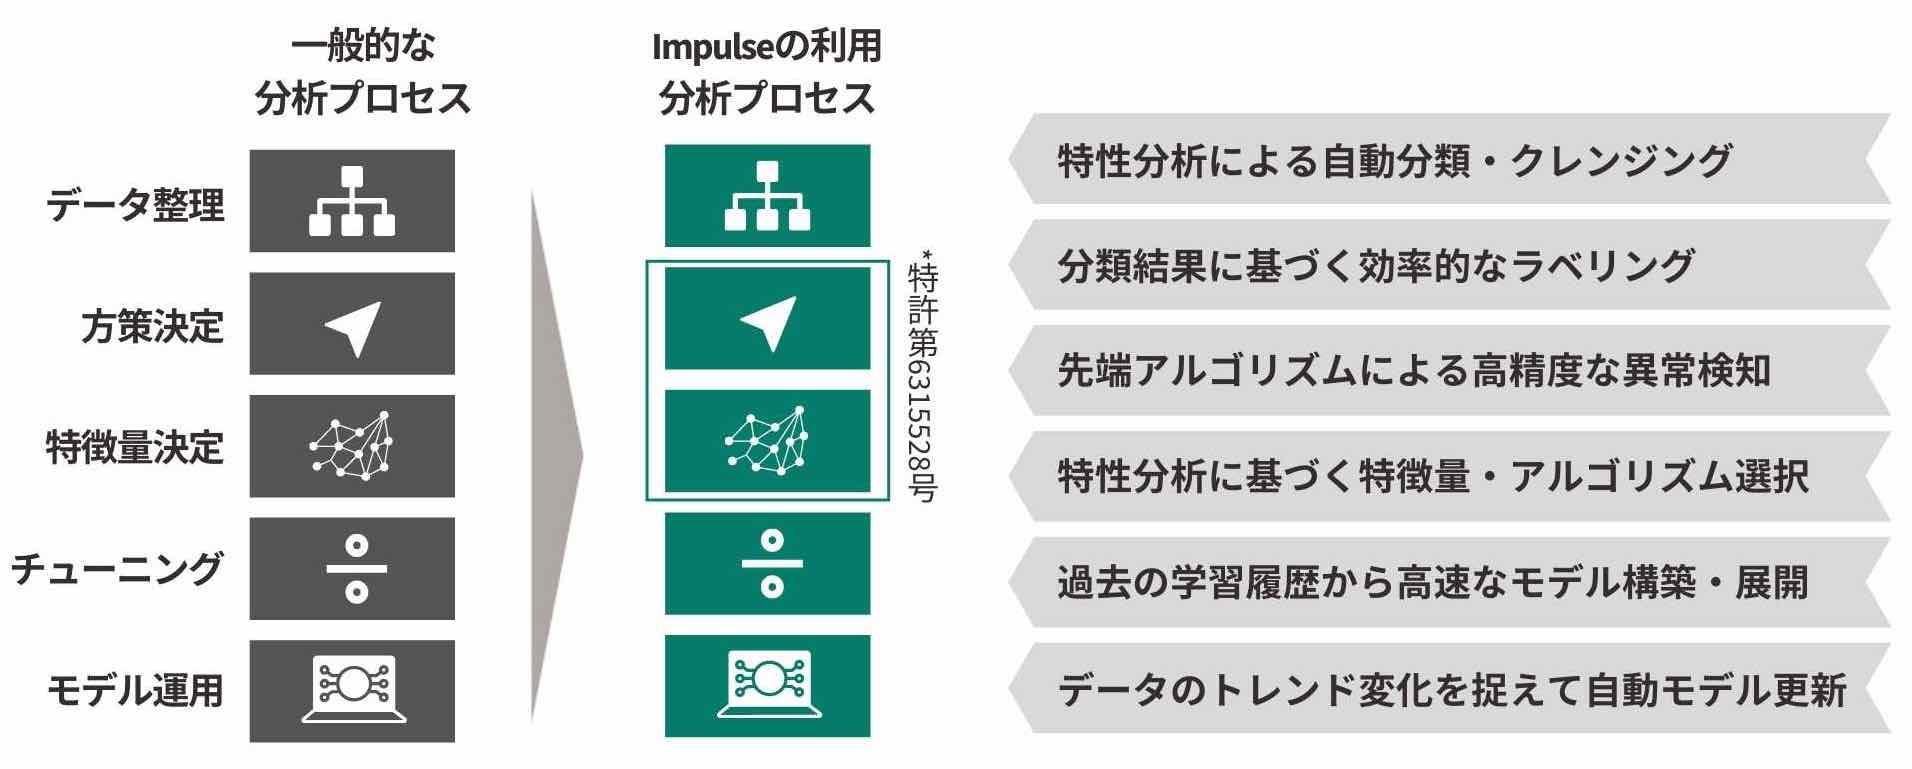 Impulseのオートモデリング